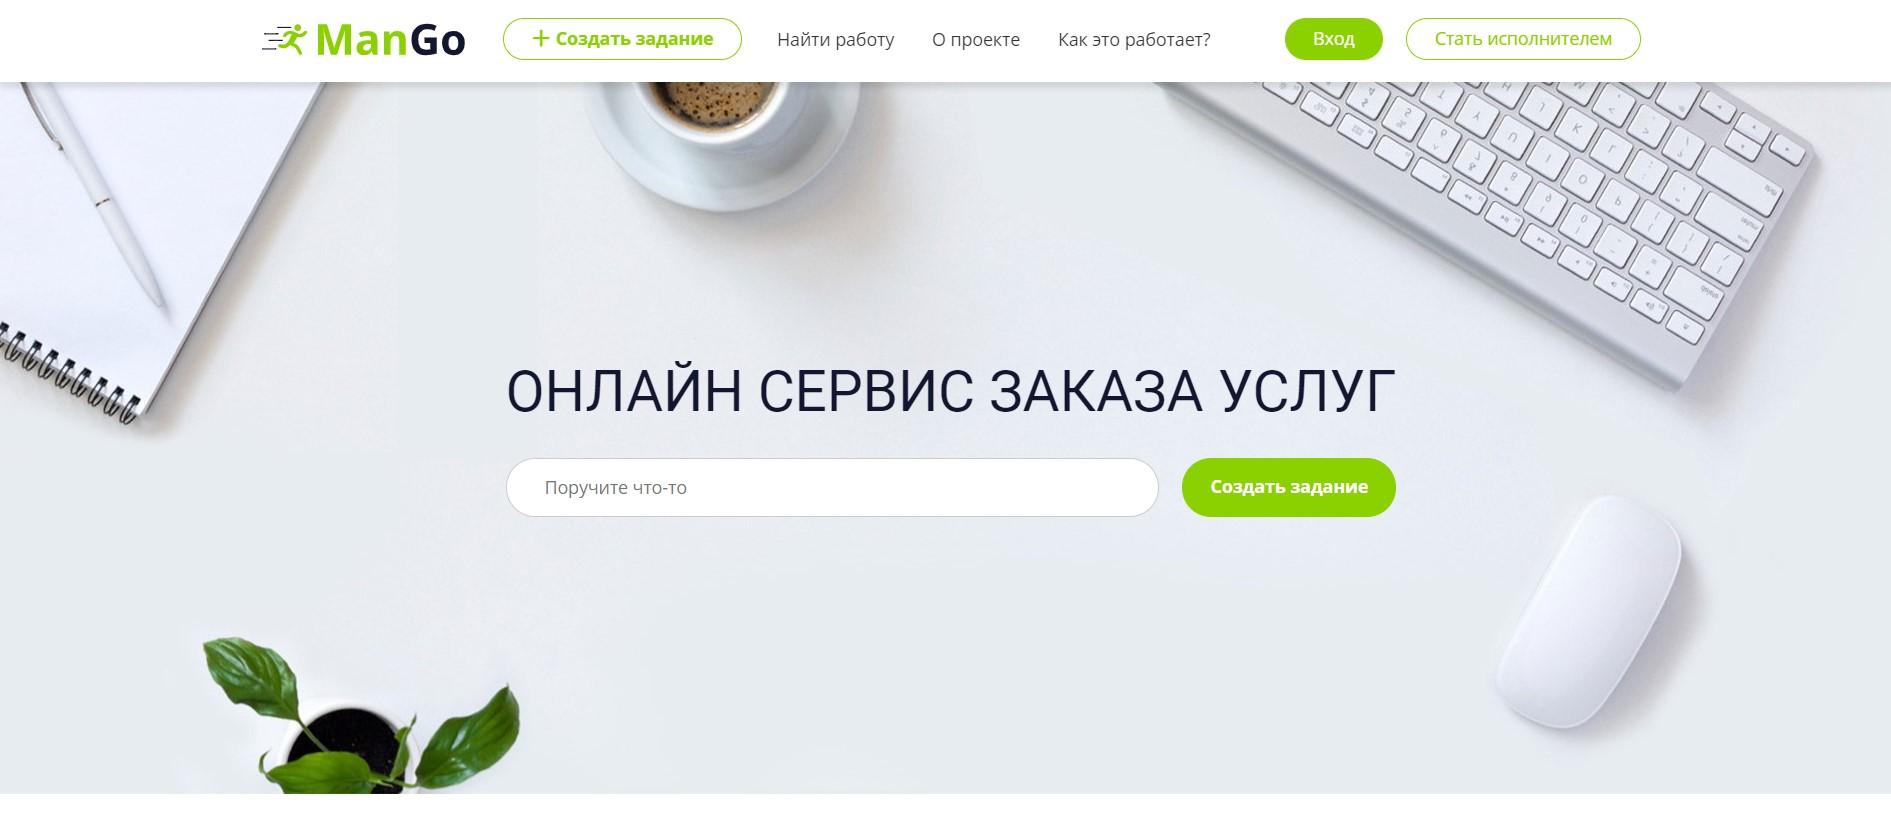 Маркетплейс разработанного сайта Манго